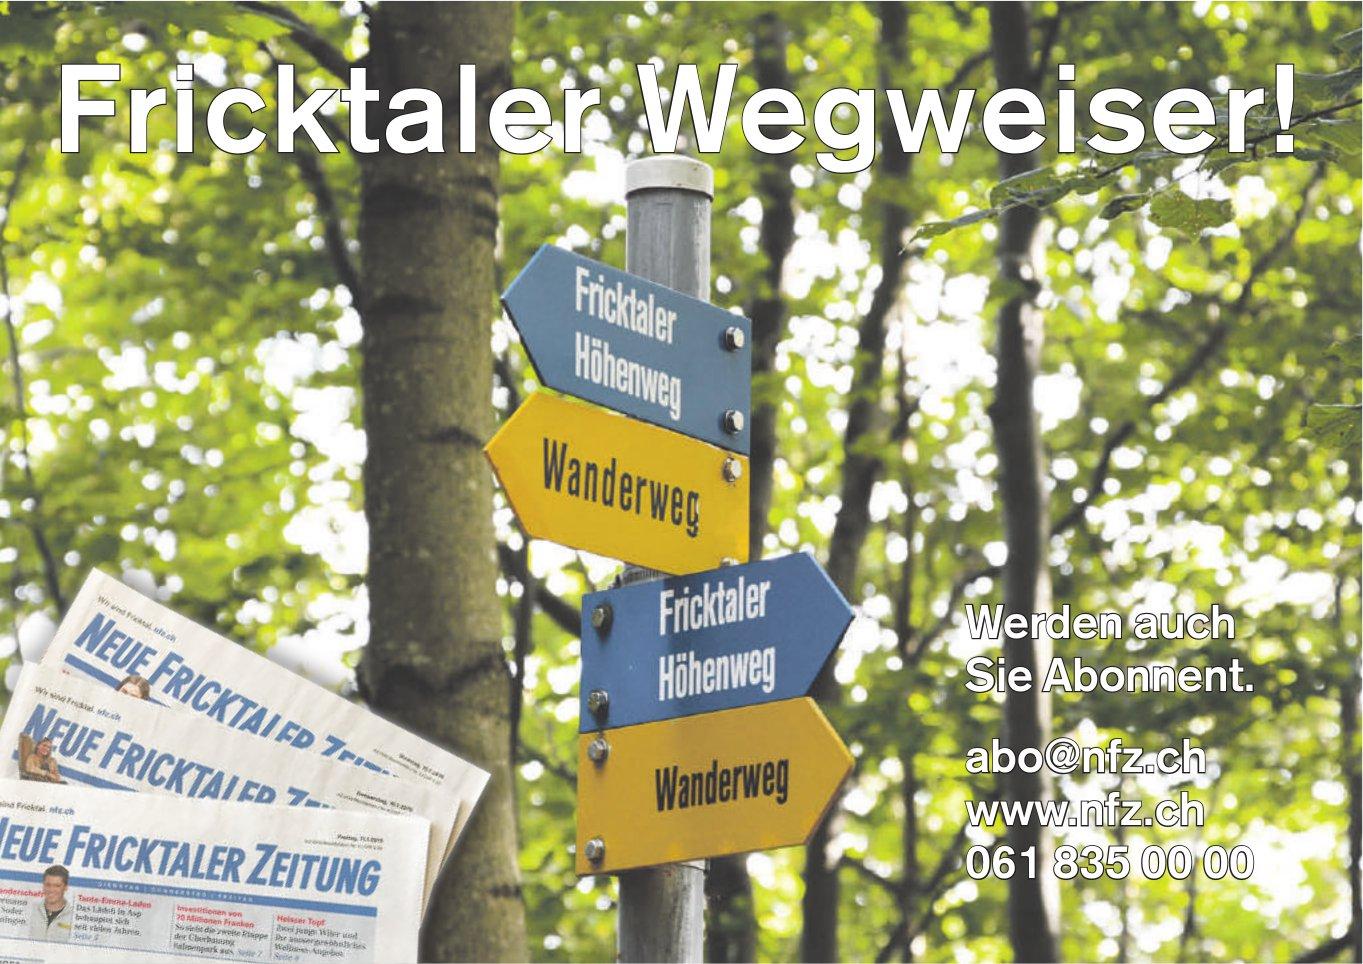 Neue Fricktaler Zeitung - Fricktaler Wegweiser! Werden auch Sie Abonnent.